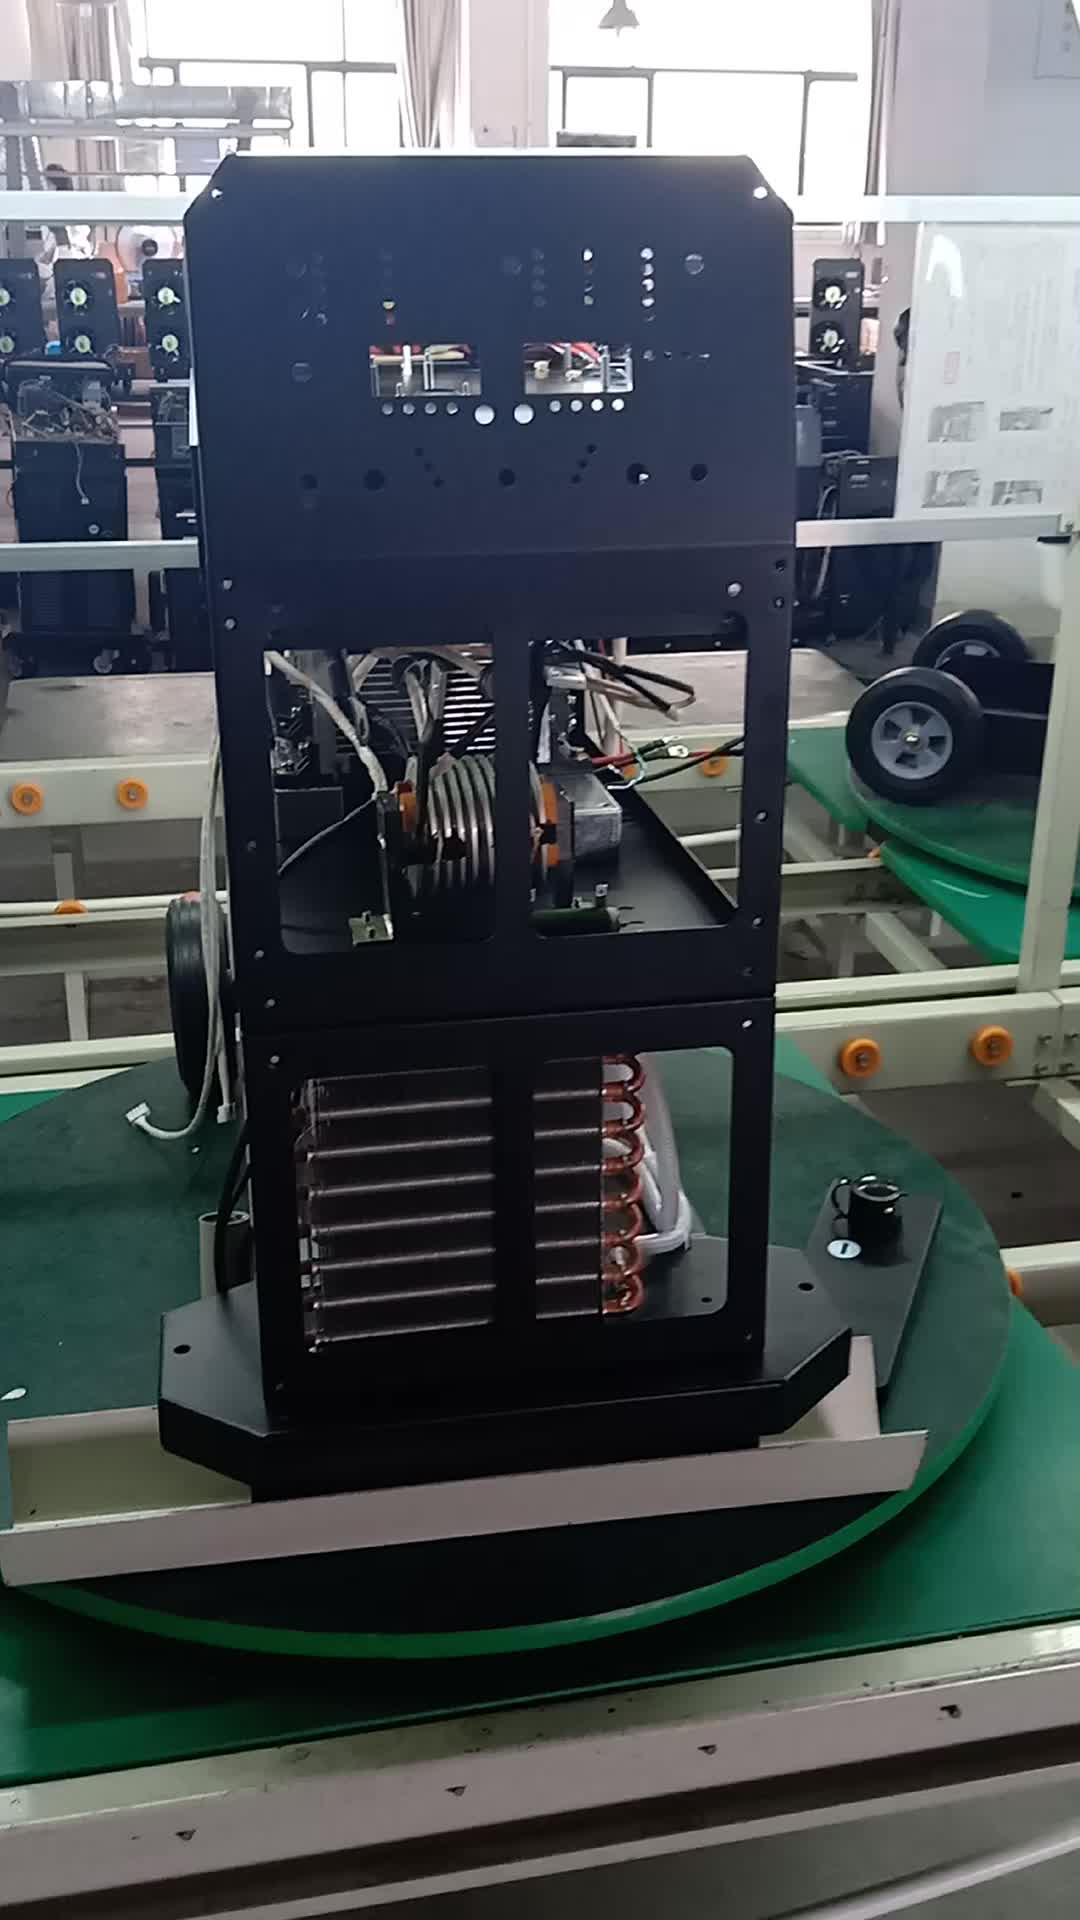 Funwell arc 200 welding machine inverter welder acdc tig